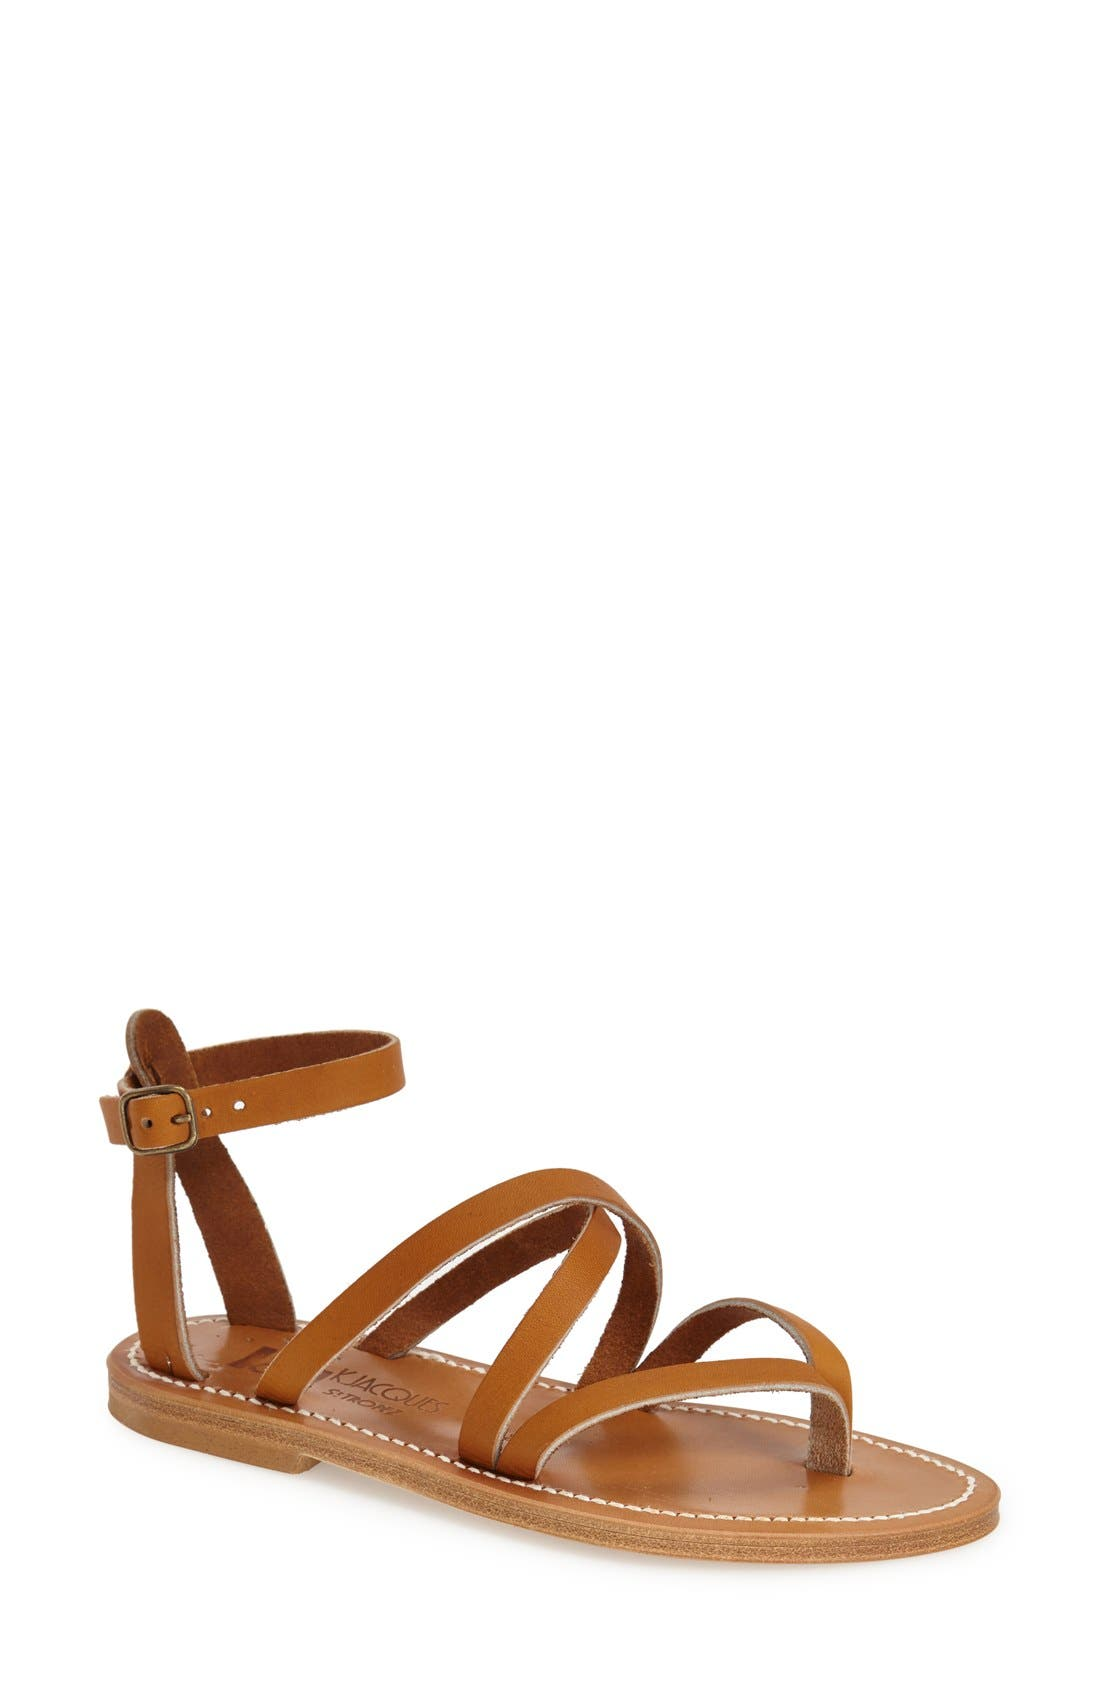 'Epicure' Sandal,                         Main,                         color, 200